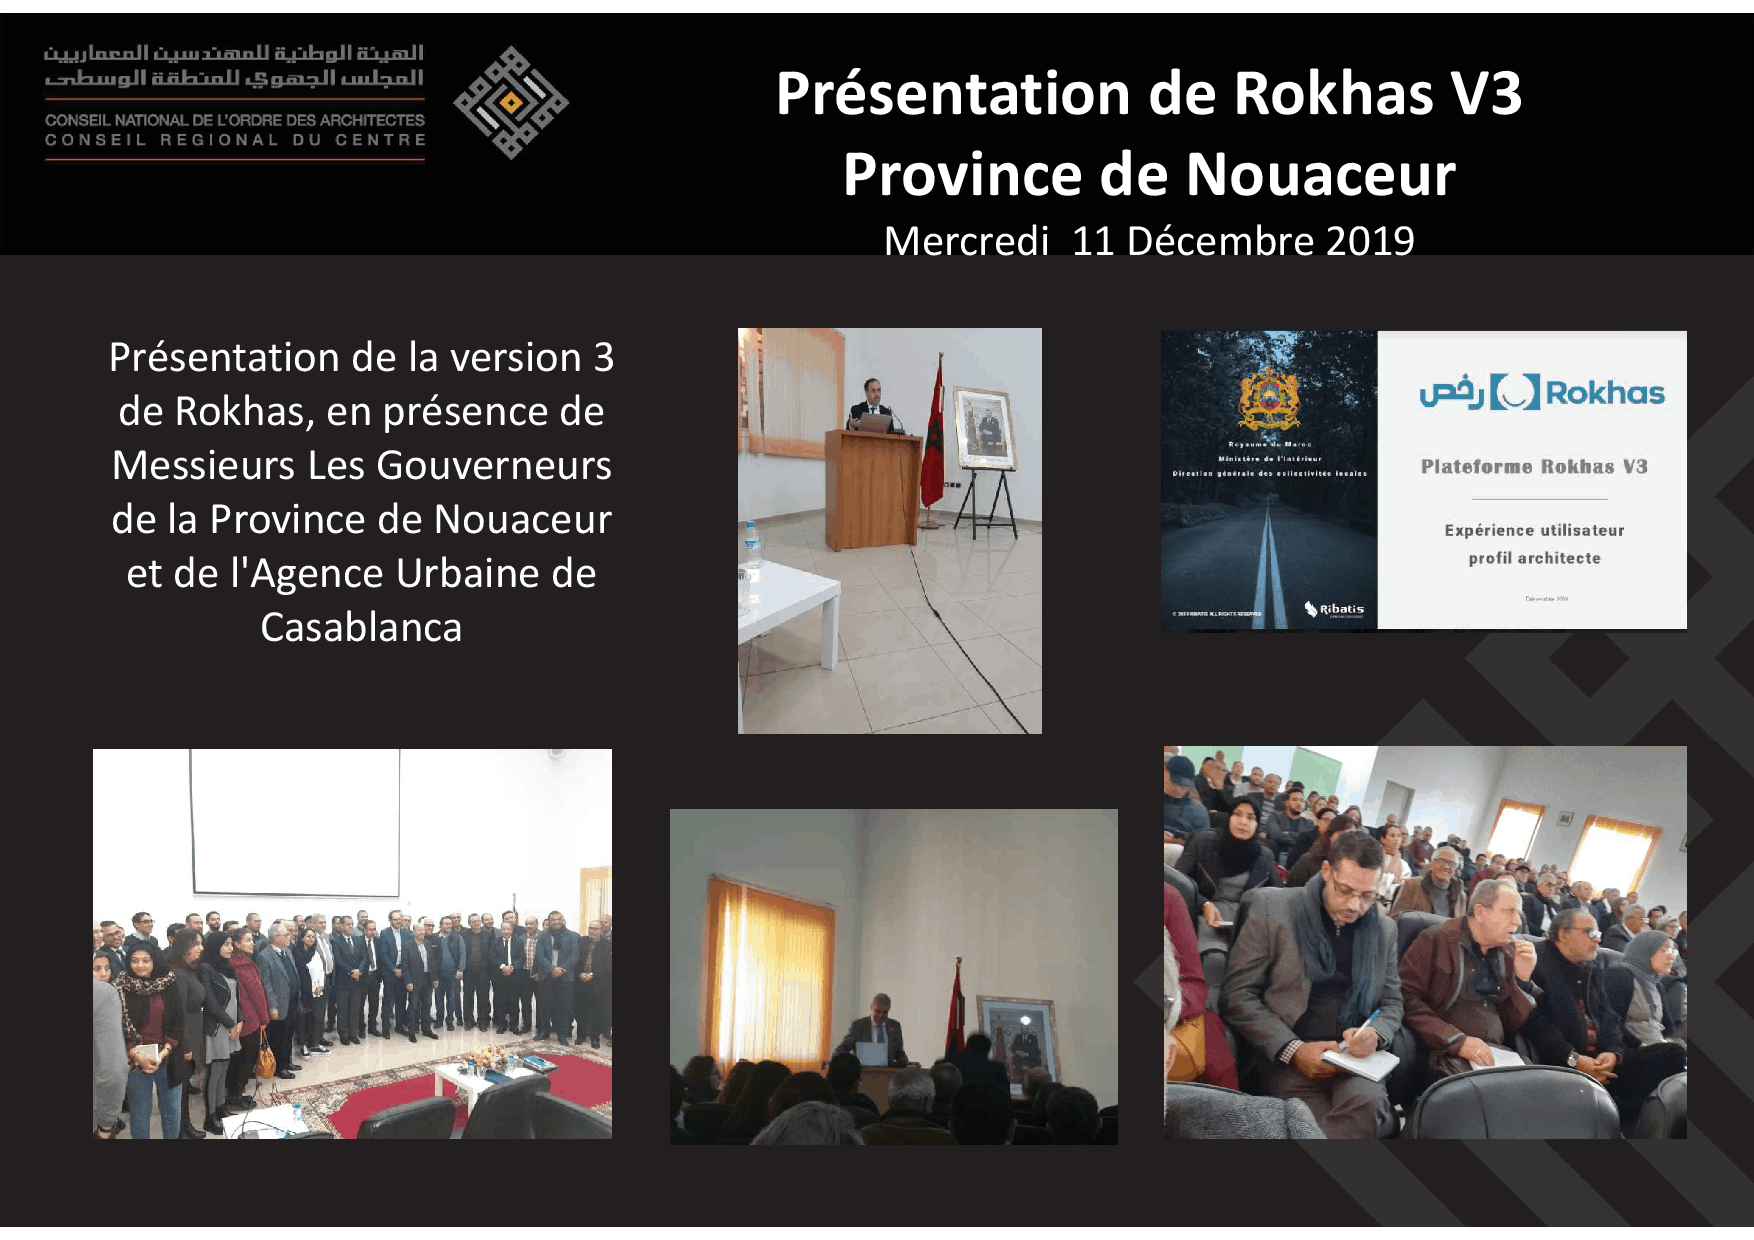 Présentation de Rokhas V3 Province de Nouaceur